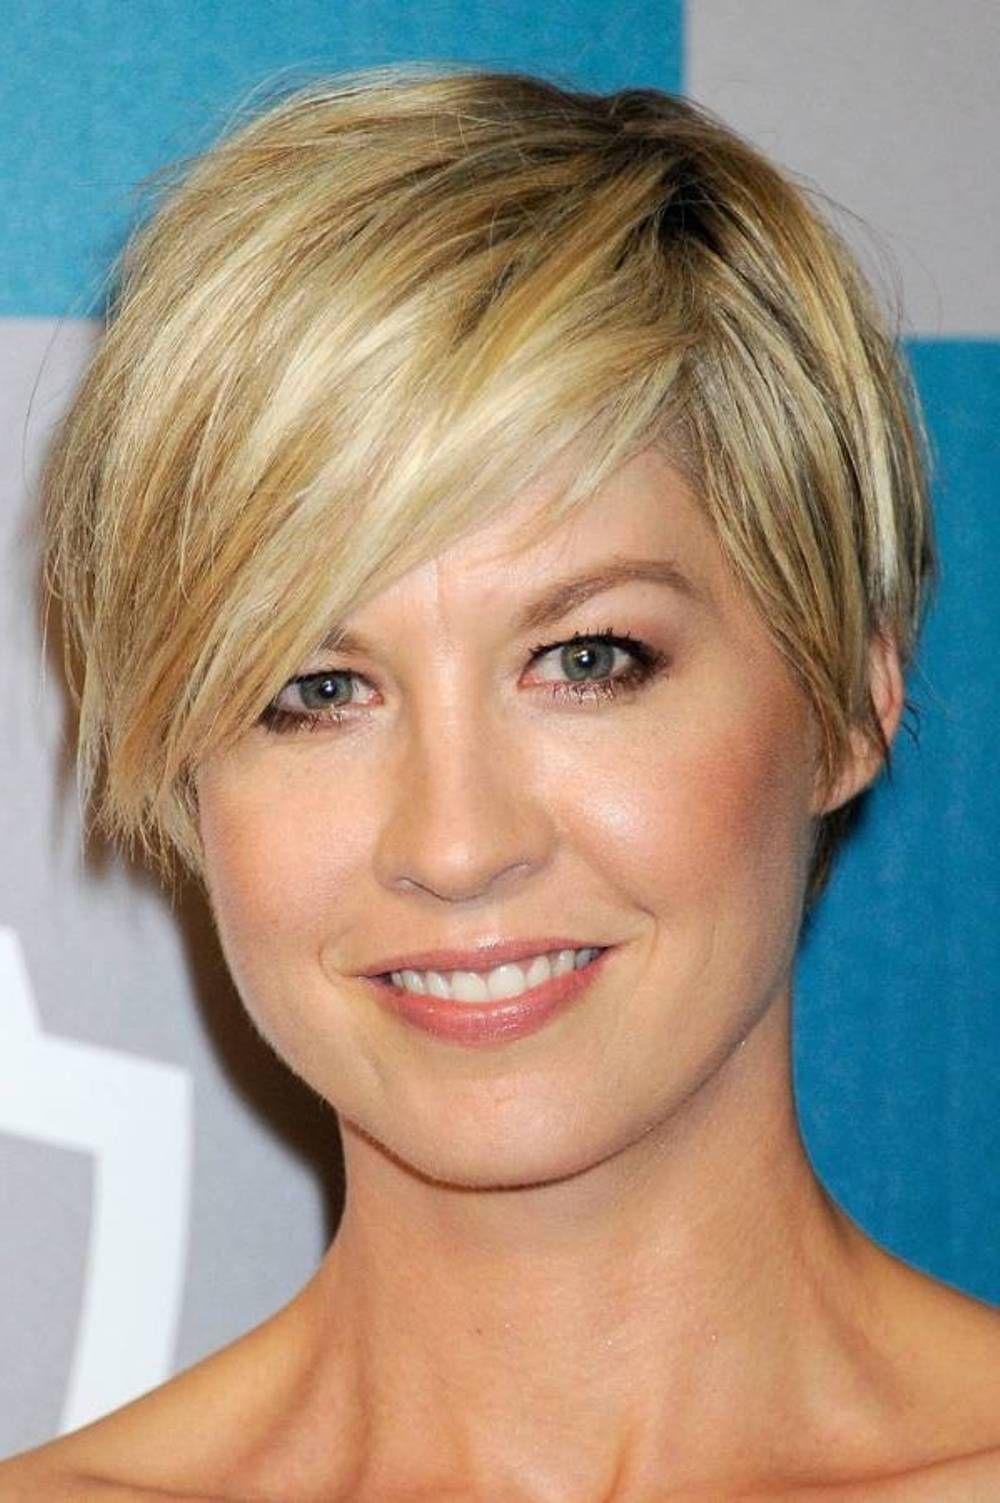 Short Pixie Jenna Elfman Hair Cut It Off Pinterest